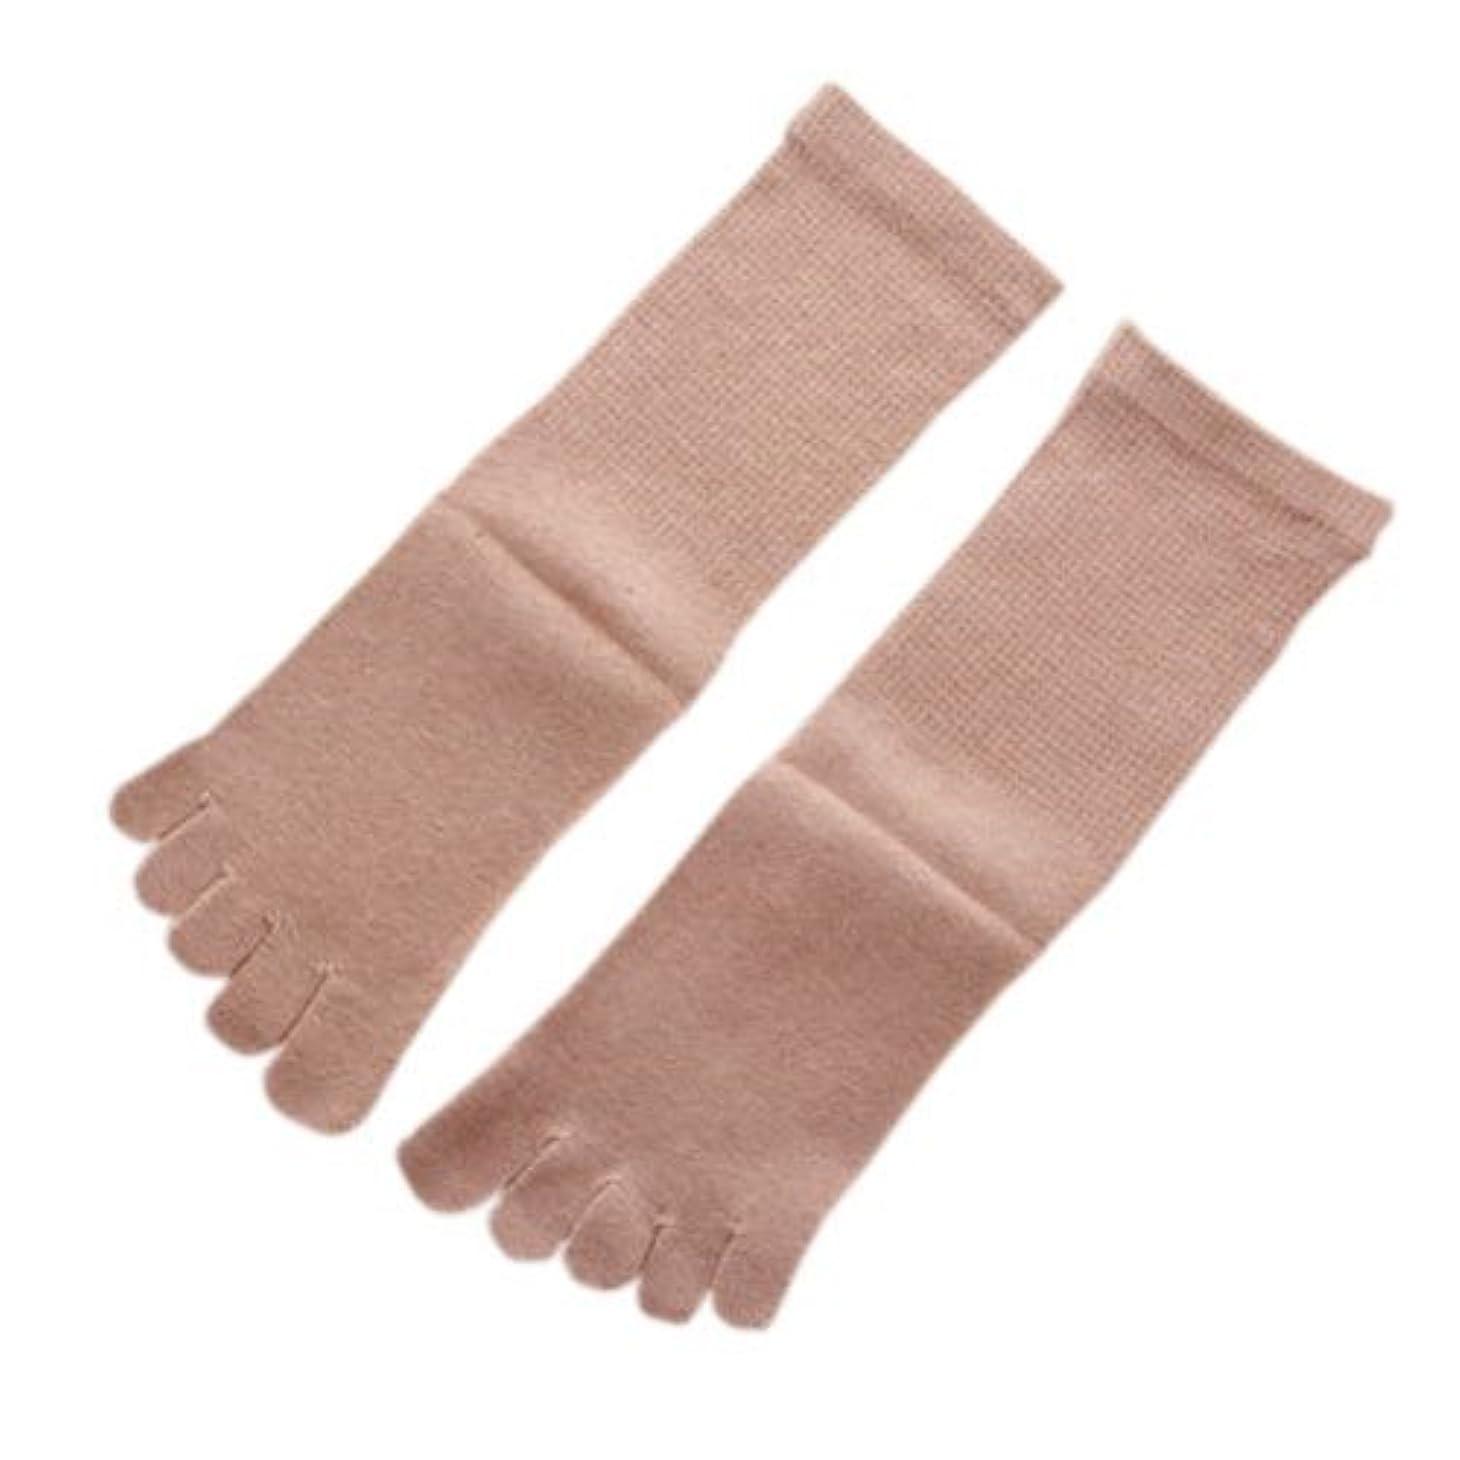 くそー無臭腹痛オーガニックコットン 五本指ソックスシルク混ブラウンM(22-24cm):履くだけで足のつぼをマッサージし、むくみや疲れを軽減します。